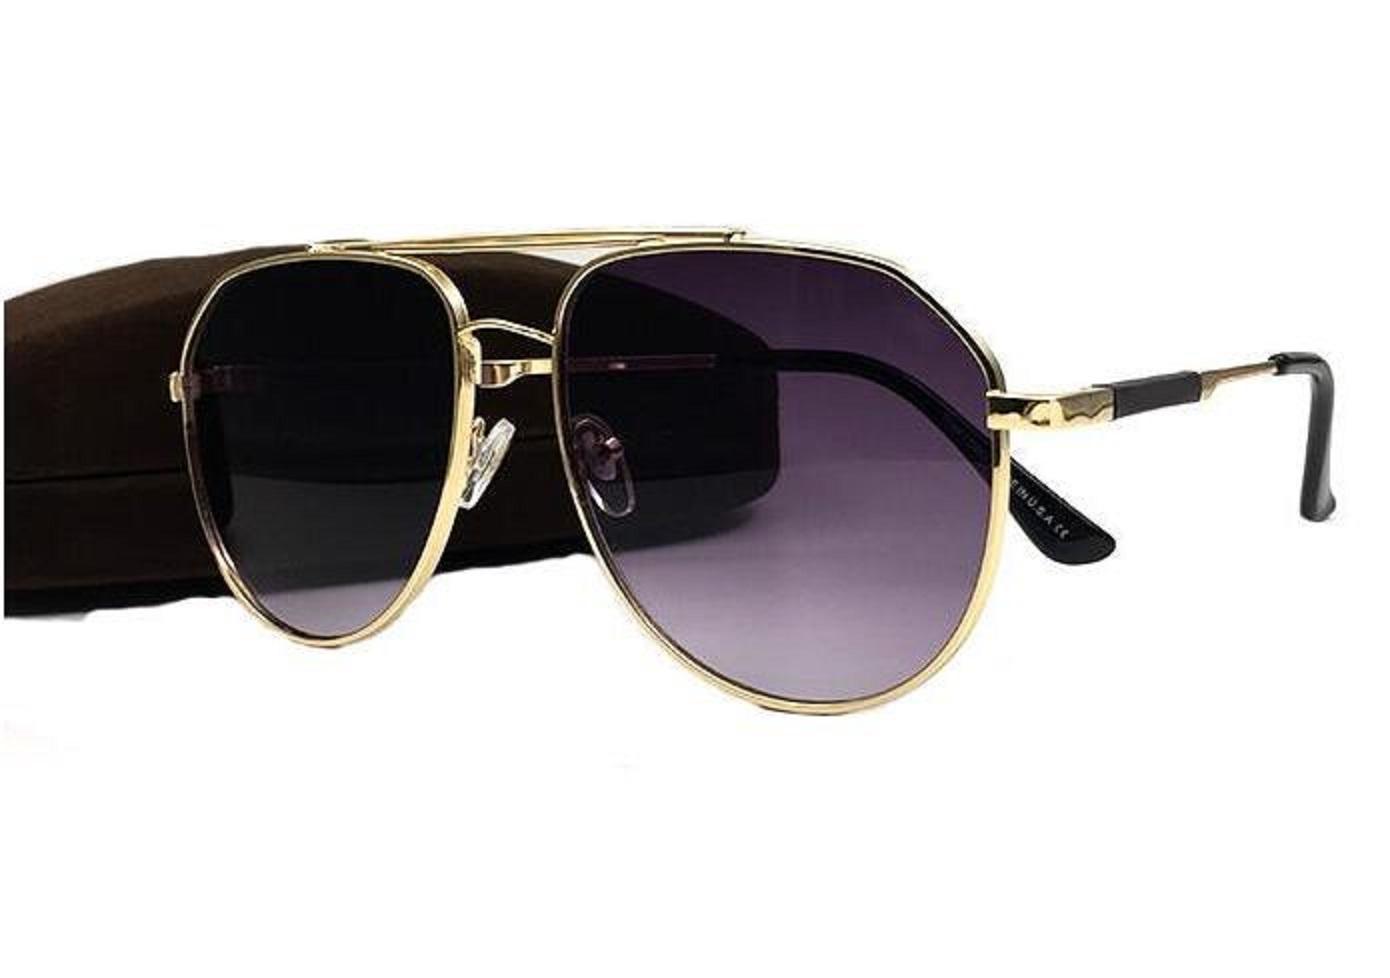 نظارات شمسية عالية QualTiy أحدث النظارات الطيار للرجل امرأة نظارات رياضية سائق نظارات الشمس oculos دي سول مع صندوق